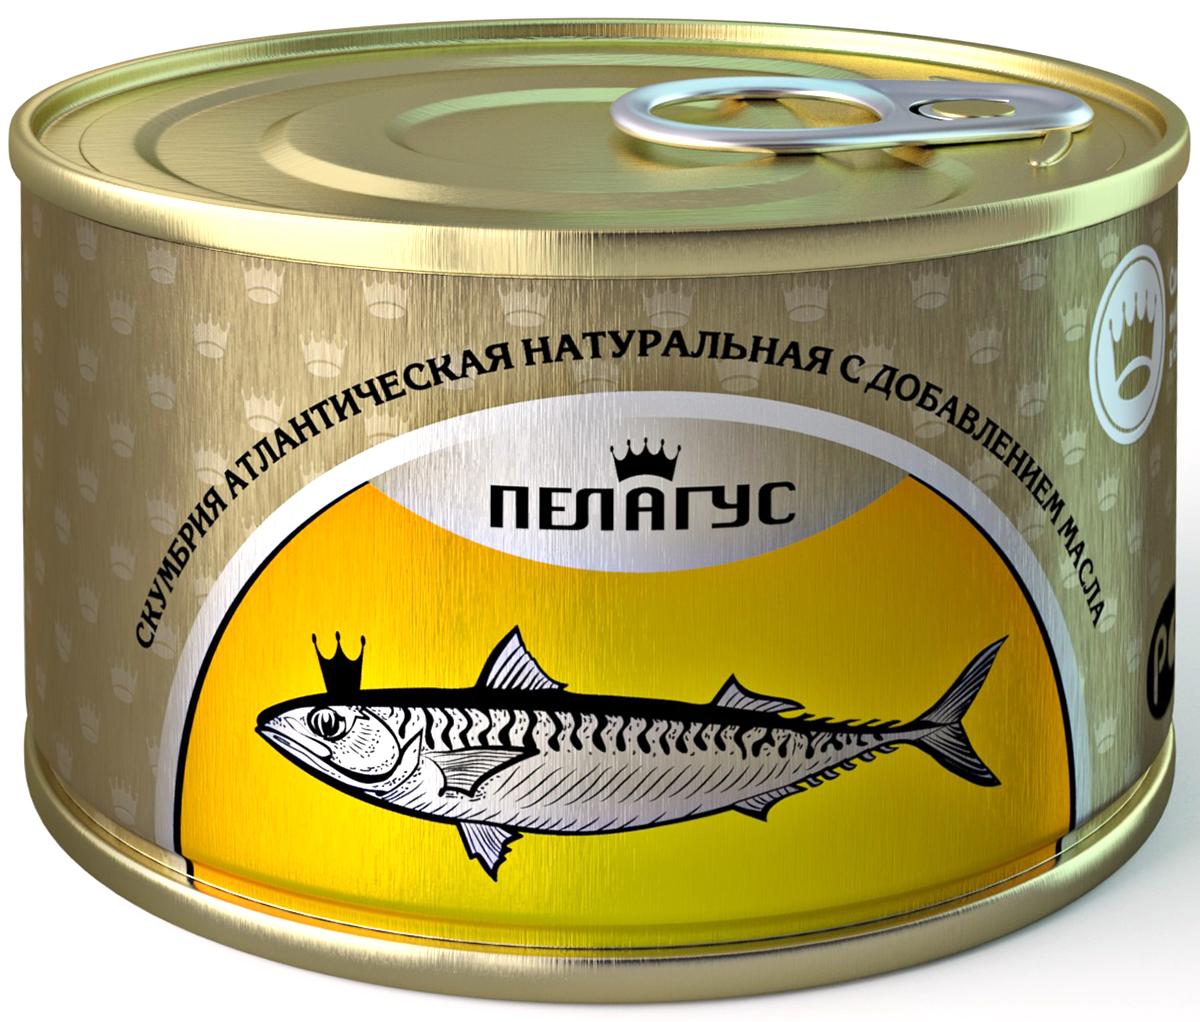 Пелагус скумбрия атлантическая натуральная с добавлением масла №5, 230 г4627098460064Именно северный вид скумбрии - более сочная рыба, т.к. сделана на берегу моря. Без консервантов.